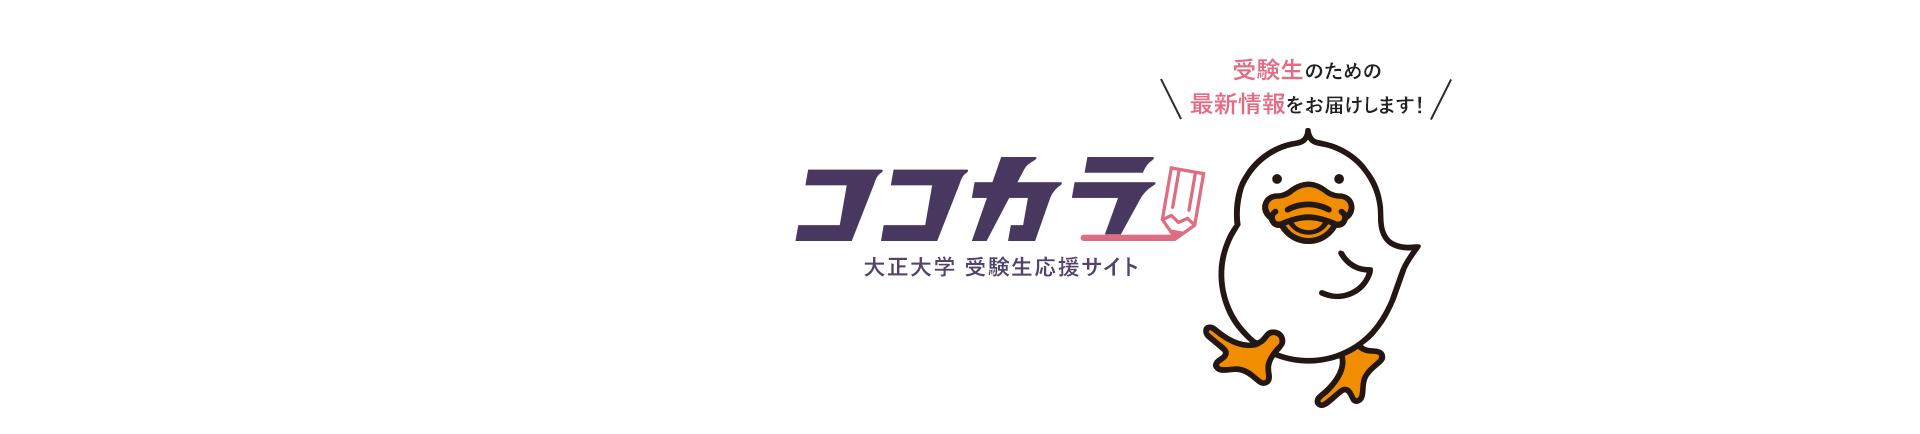 入試情報満載!!